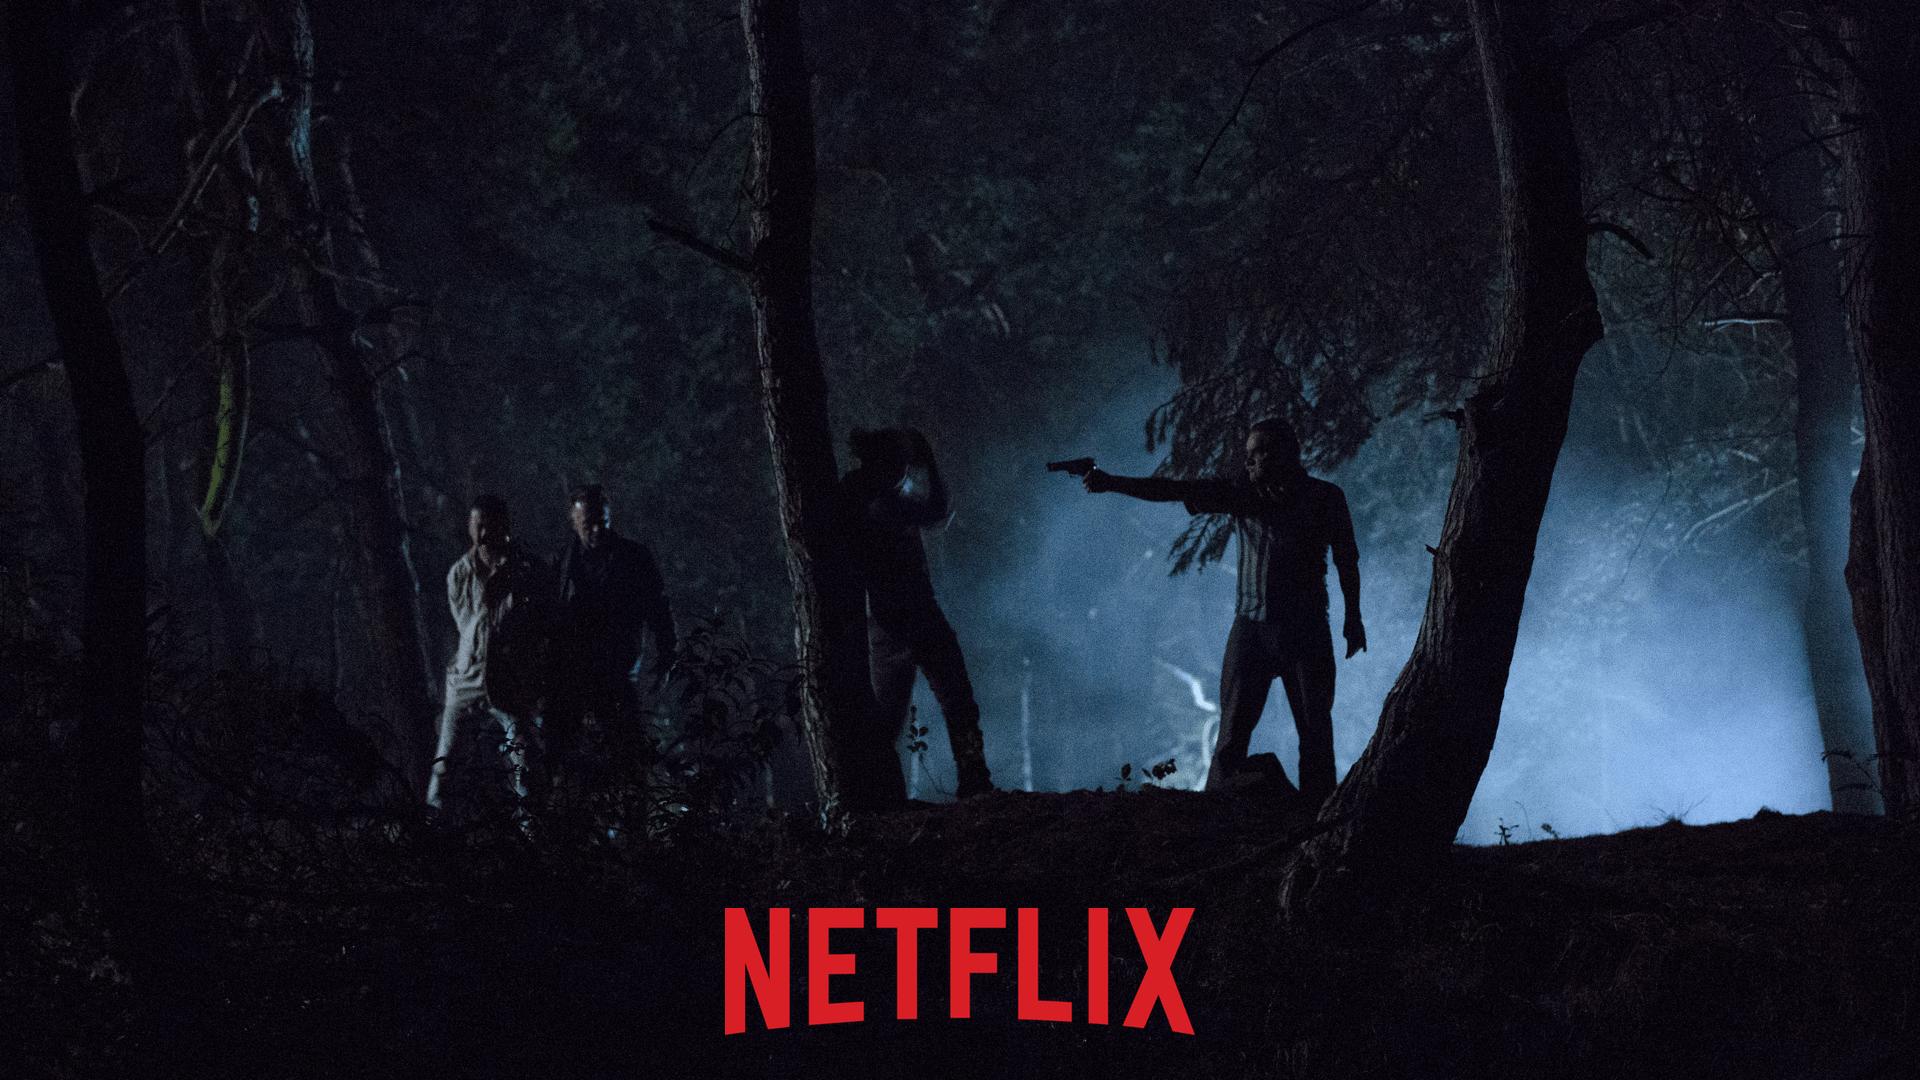 Netflix Undercover NL BE 16x9